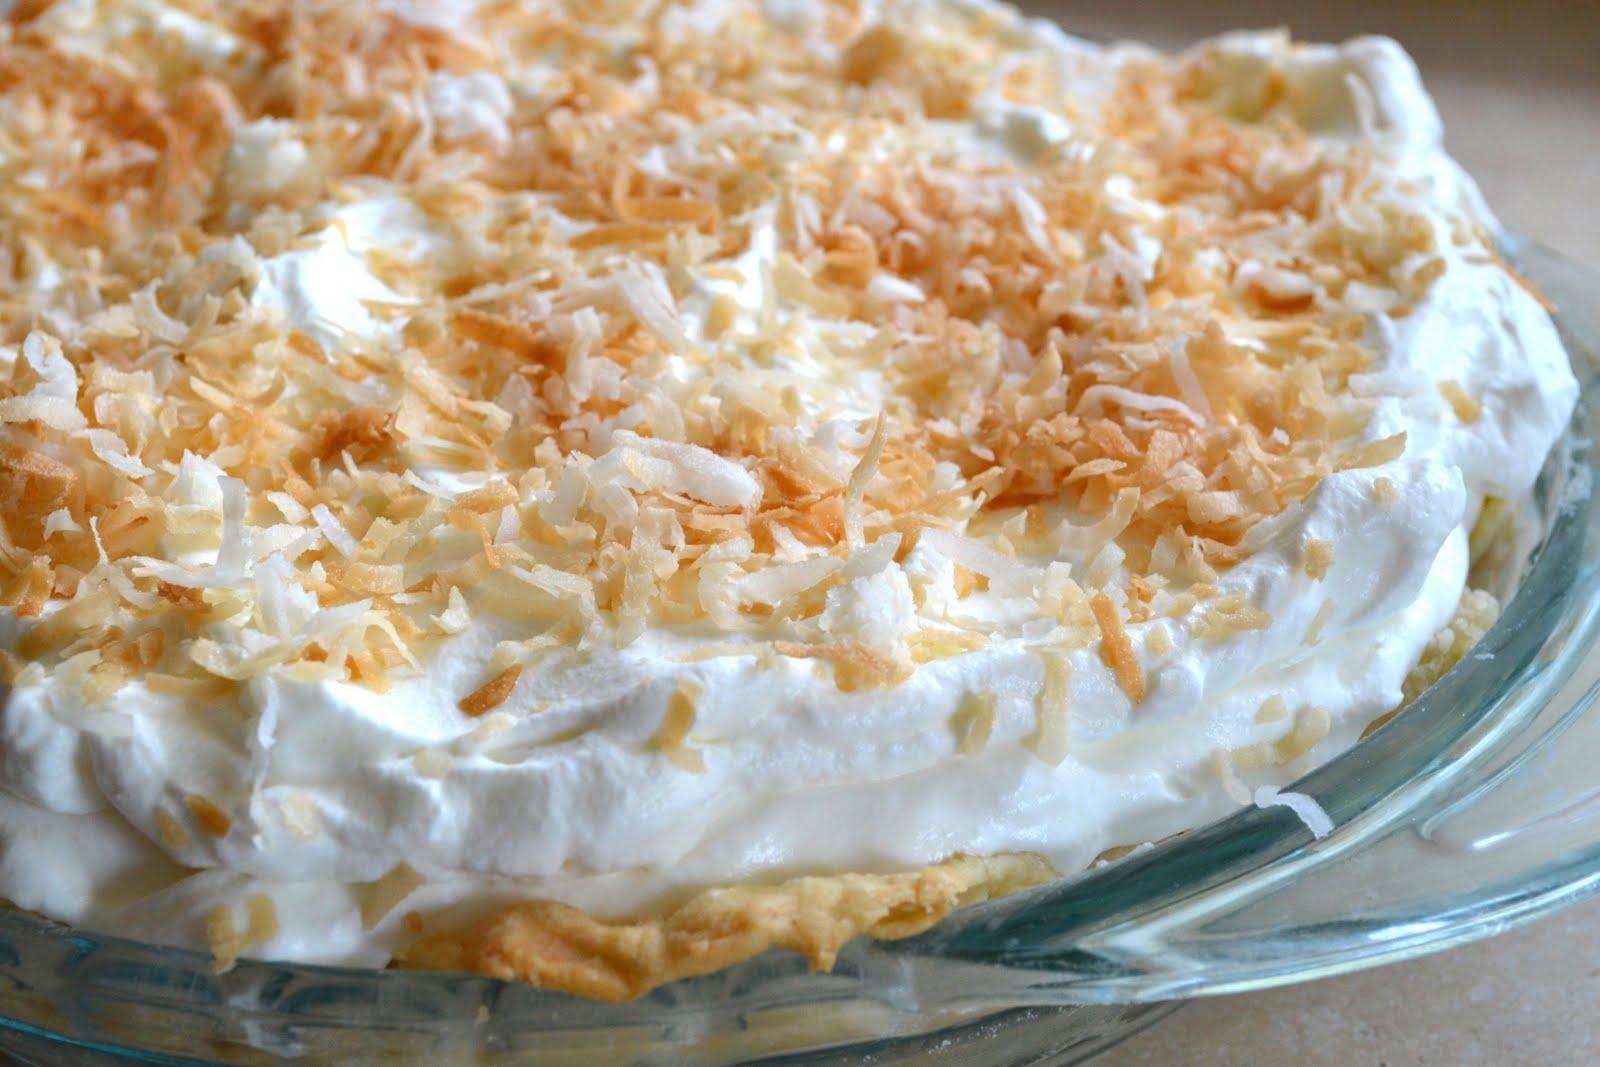 This Calls for a Treat: Coconut Cream Pie